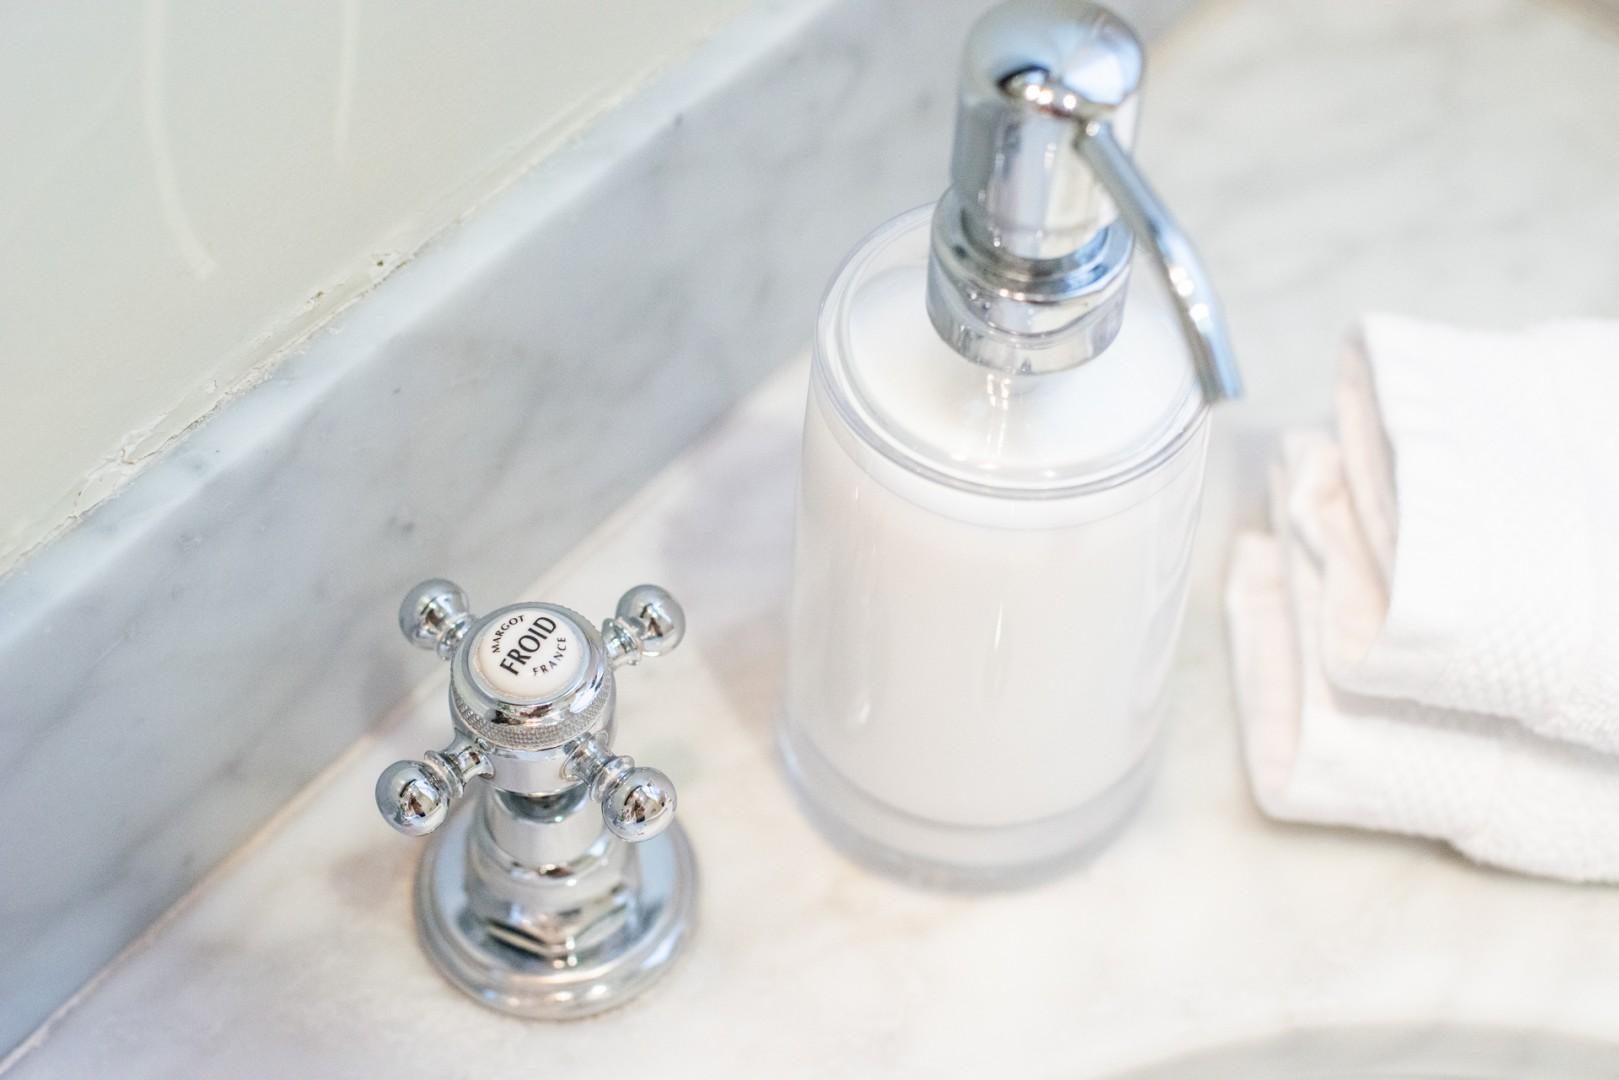 Enjoy the elegant amenities in the en suite bathroom.